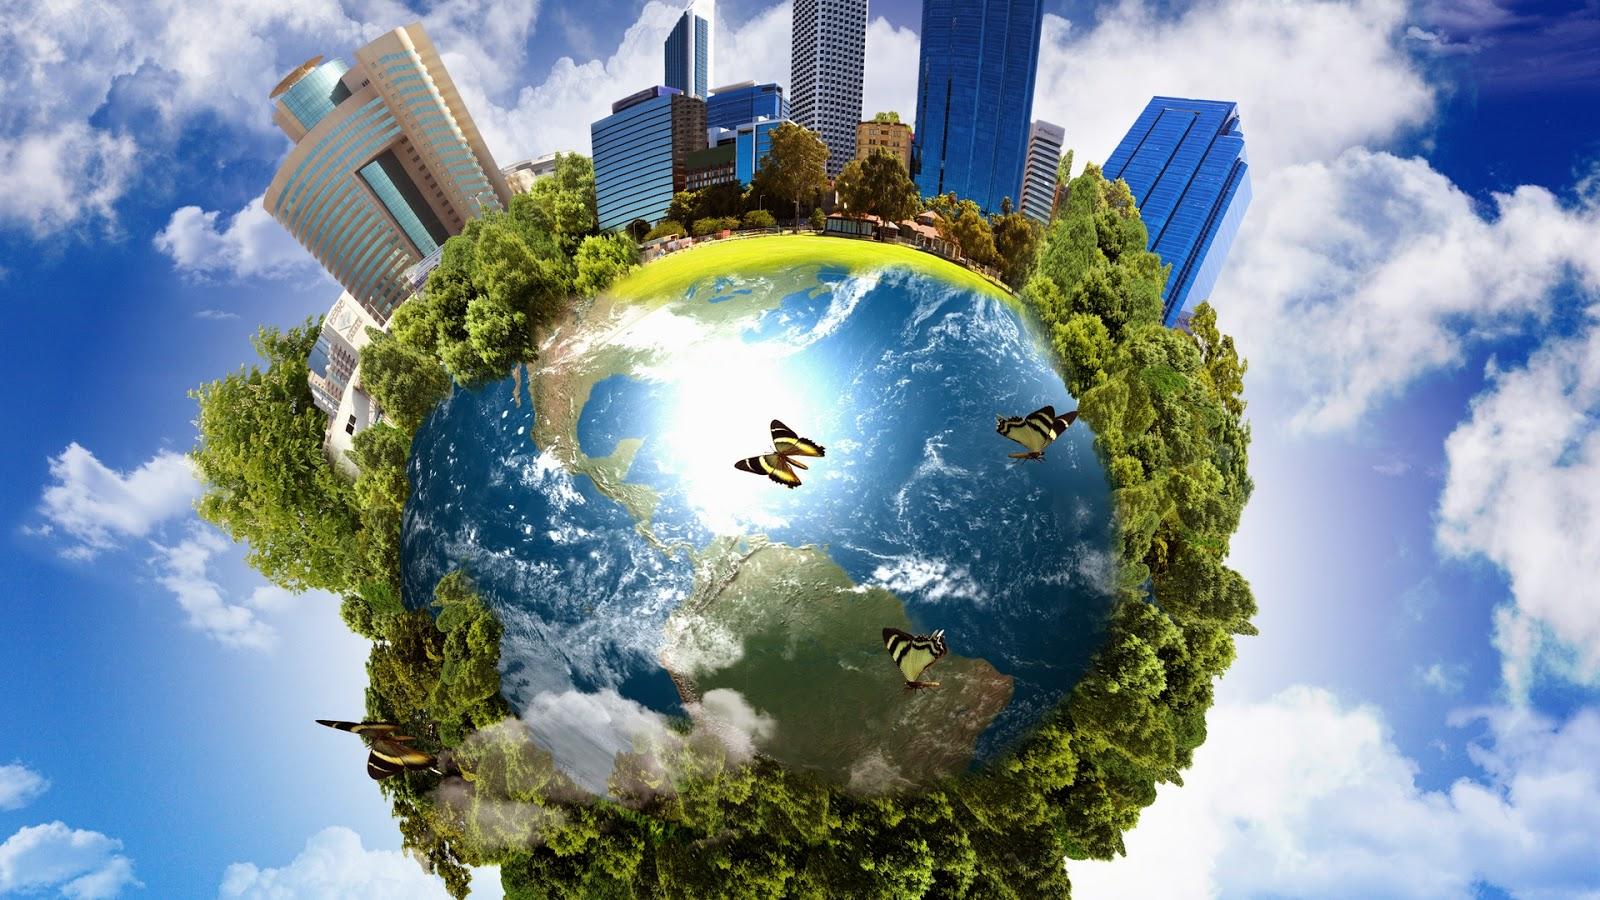 кадрах картинки экология и охрана окружающей среды оригинальные помещение